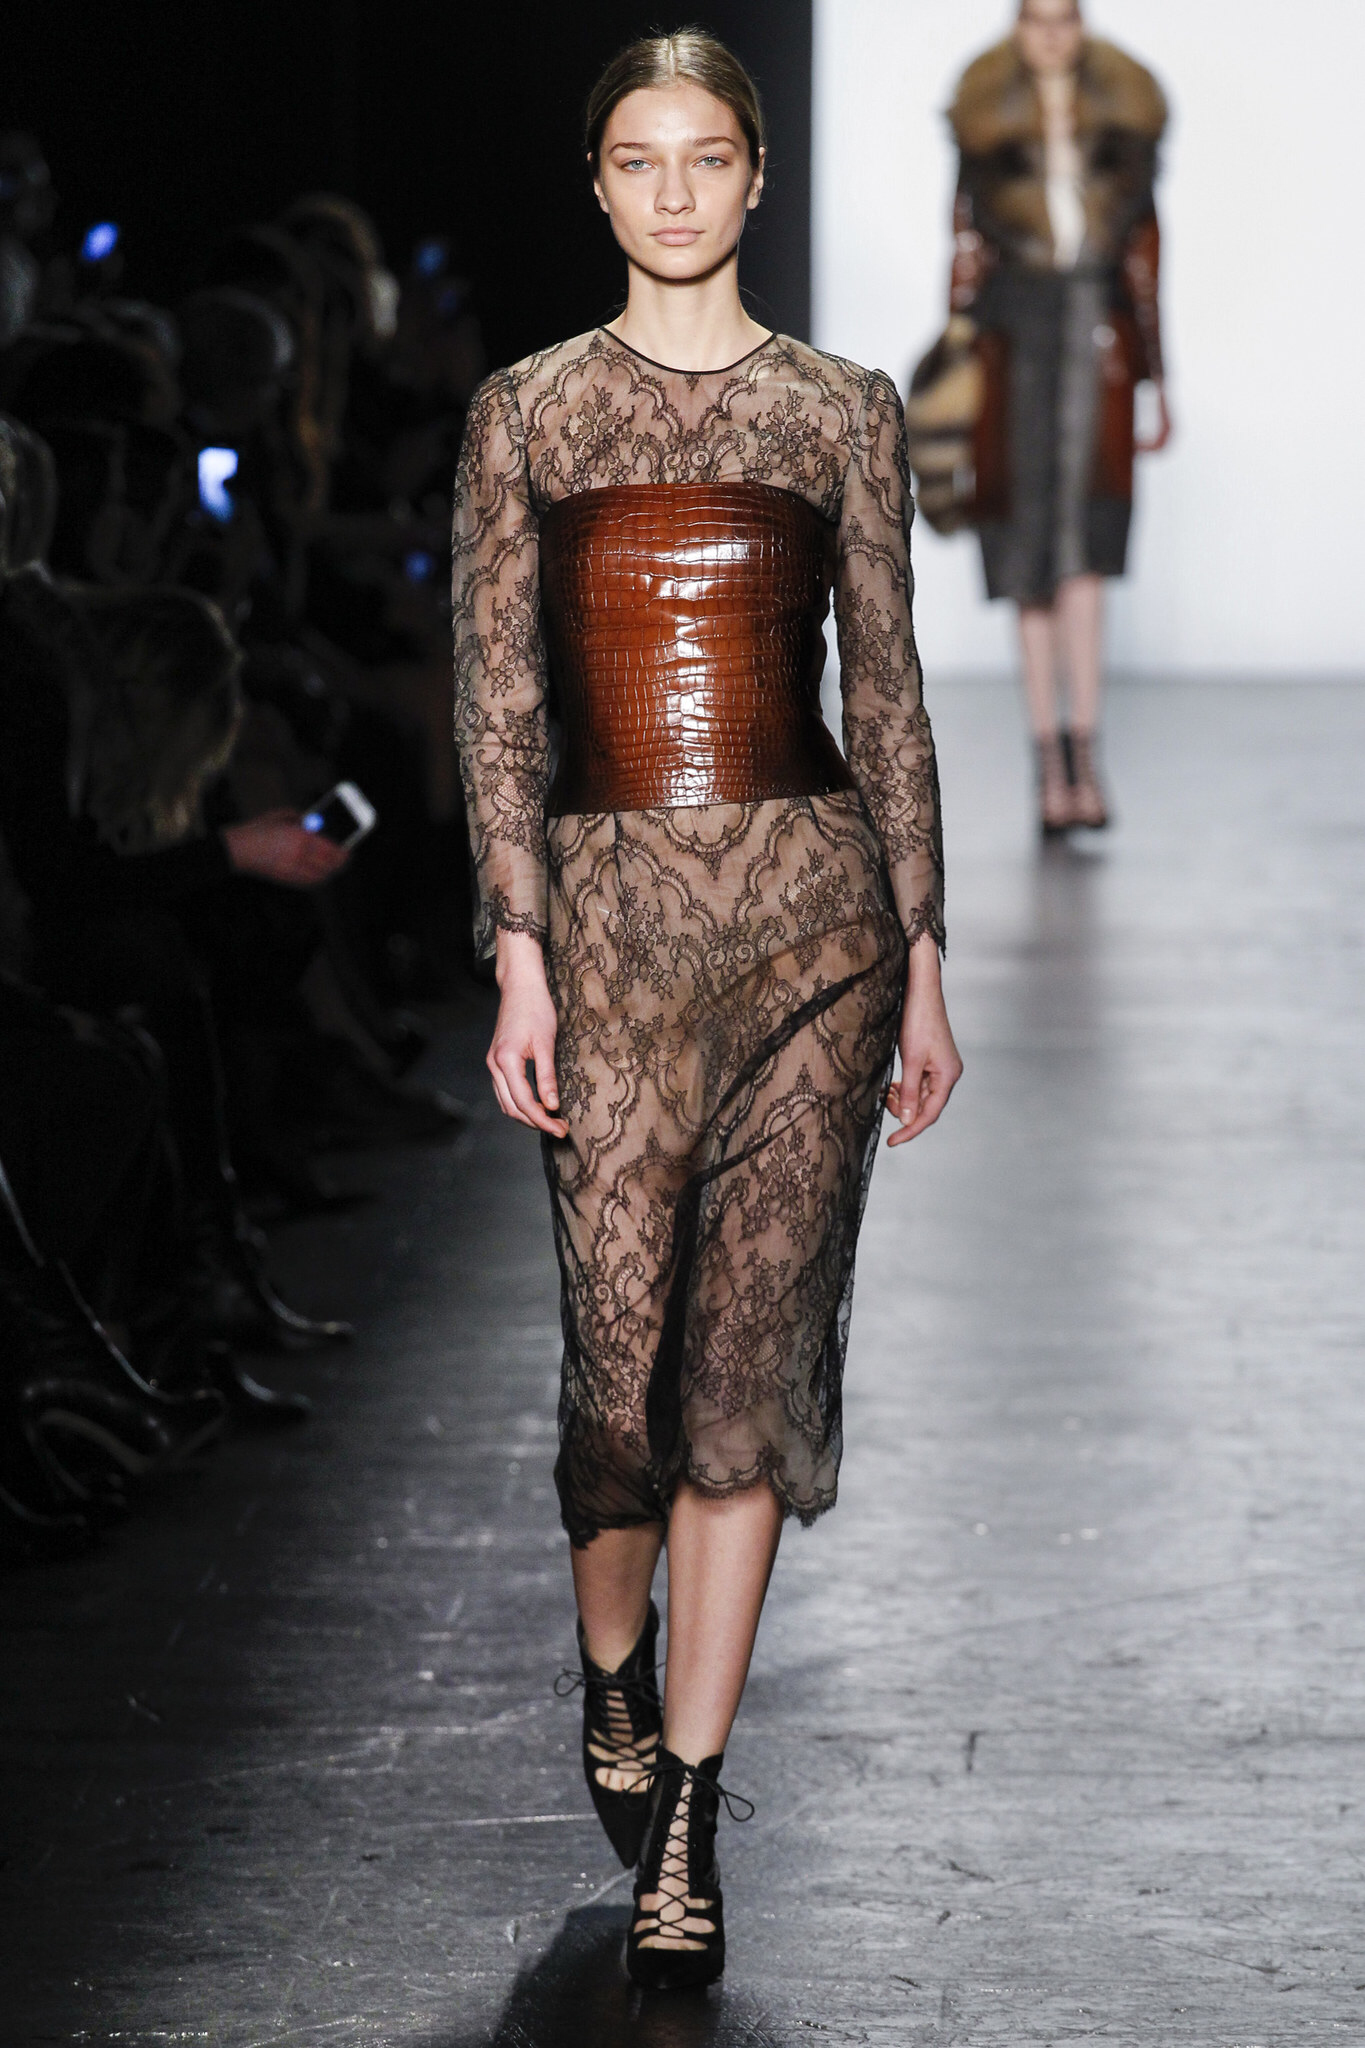 7887452a836 Dennis Basso FALL 2016 New York Fashion Week